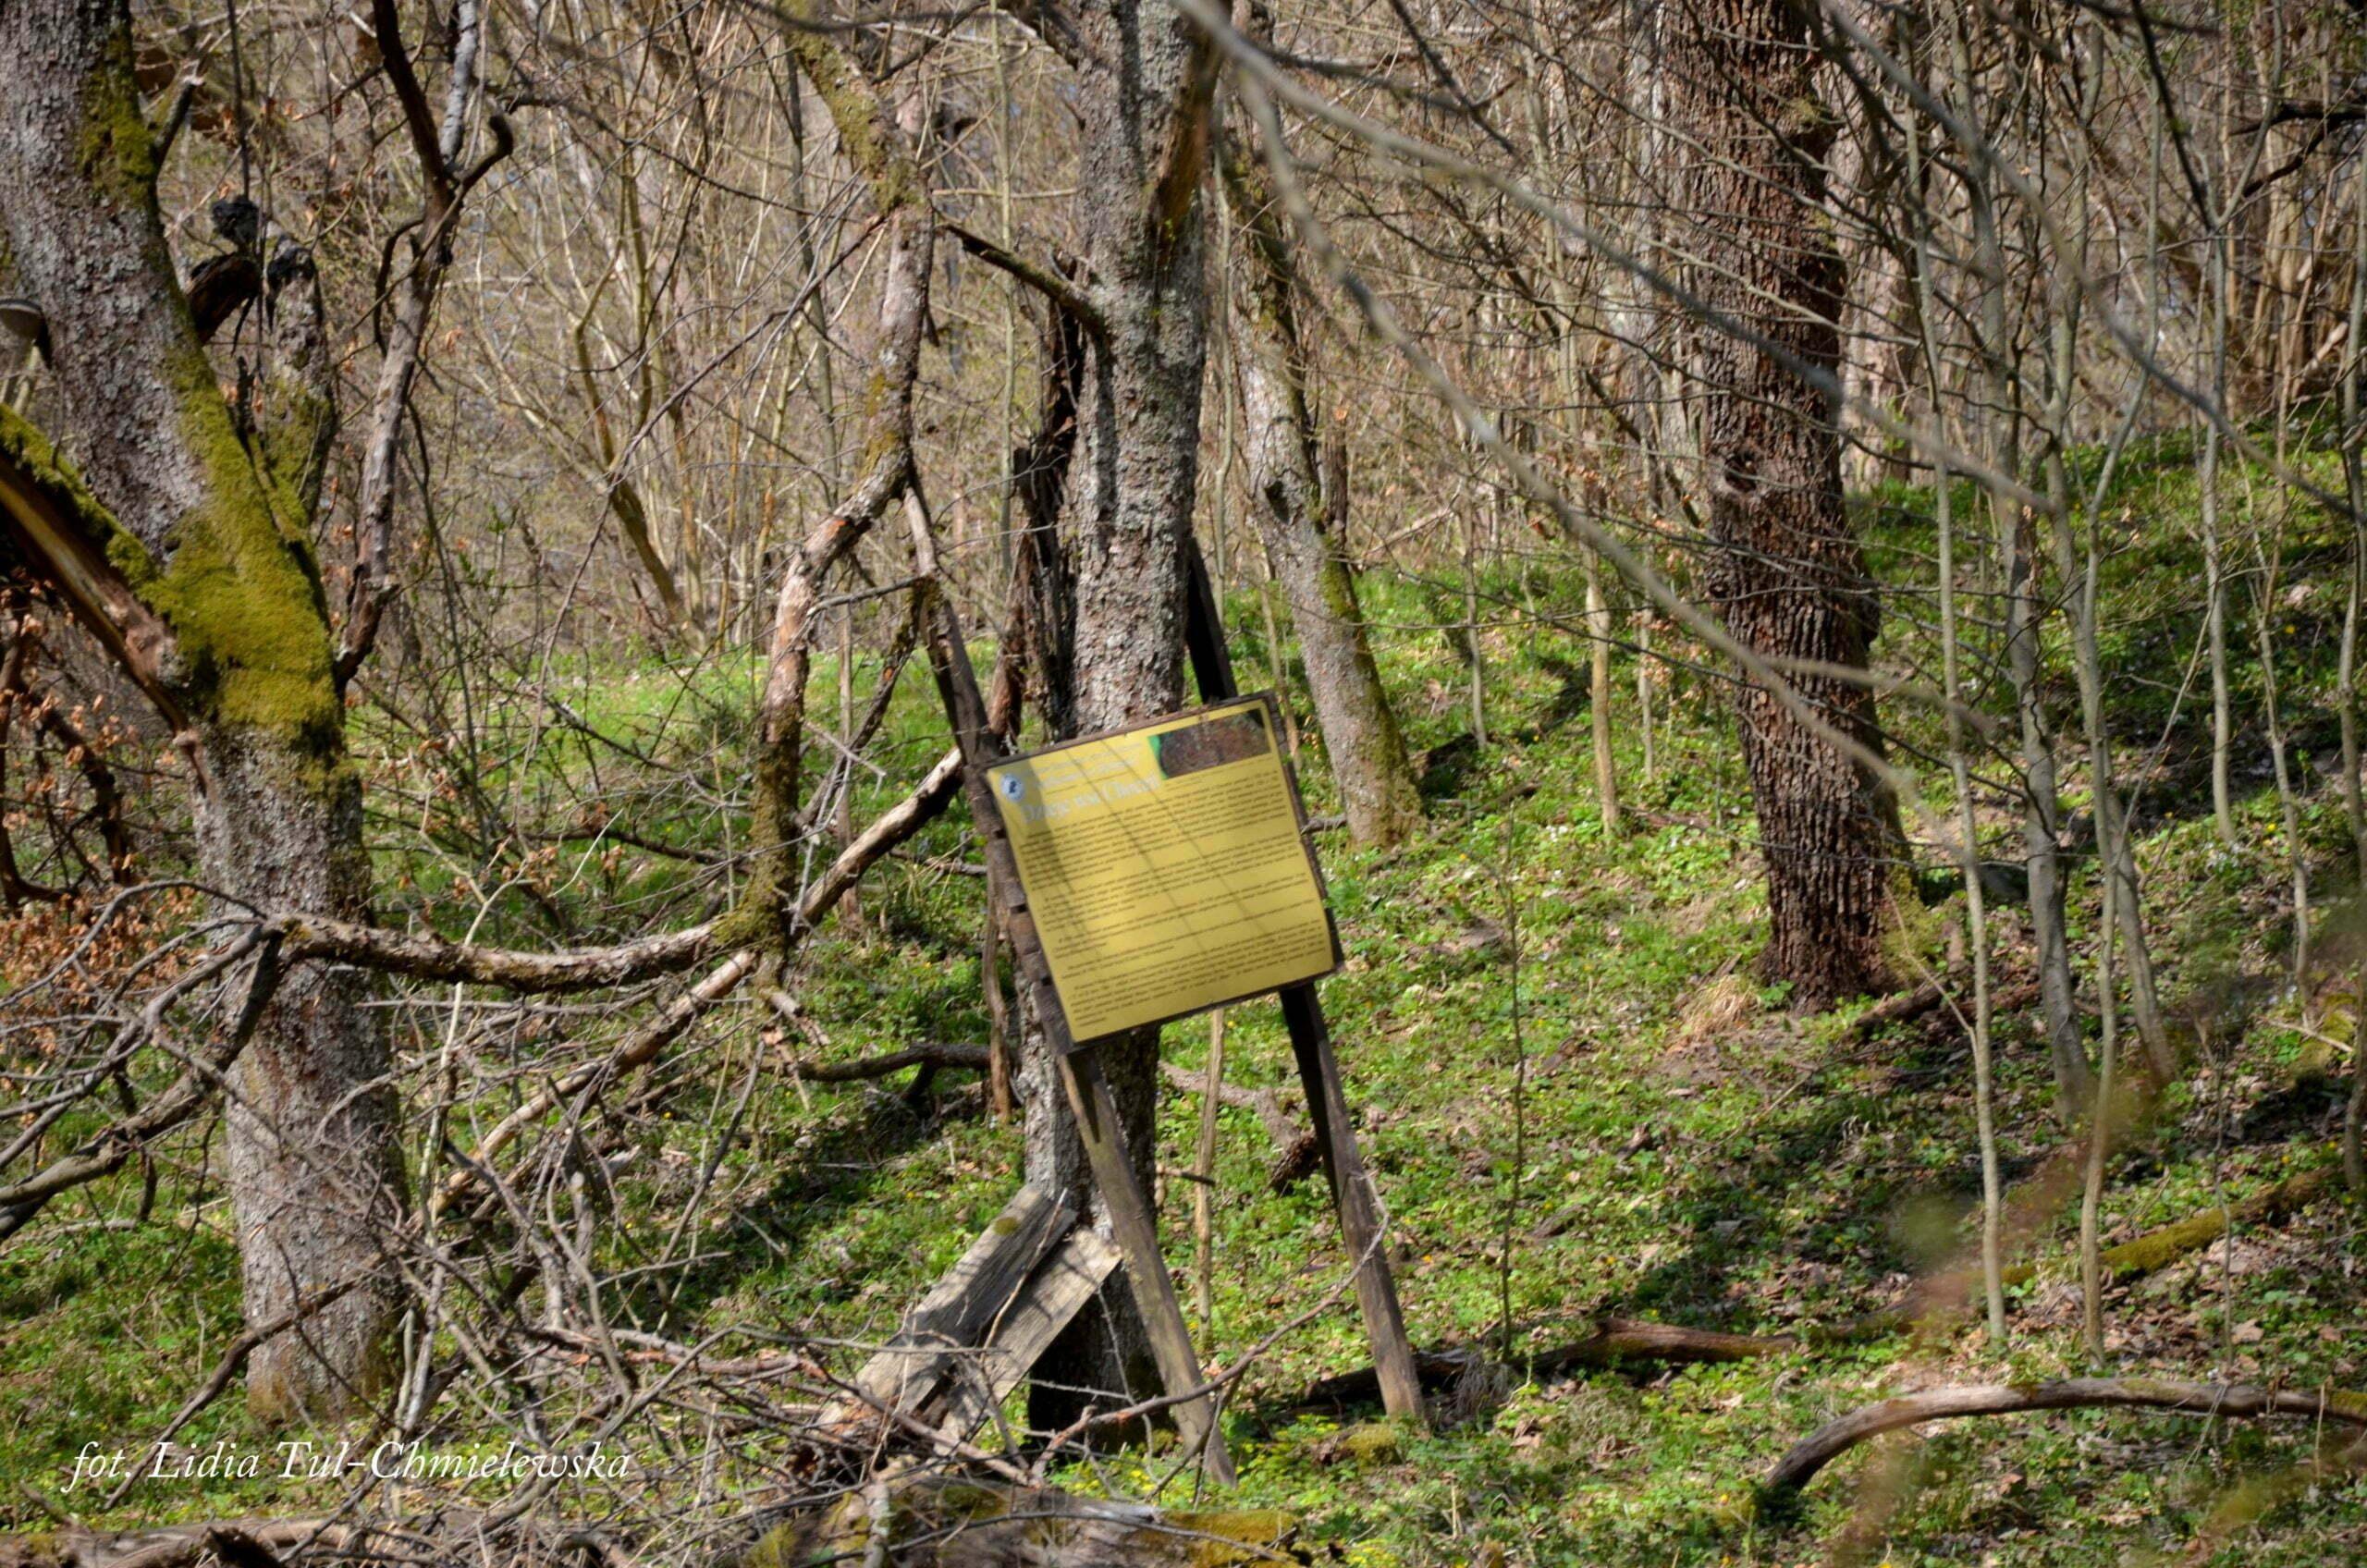 Choceń - jedna z tablic informacyjnych / fot. Lidia Tul-Chmielewska